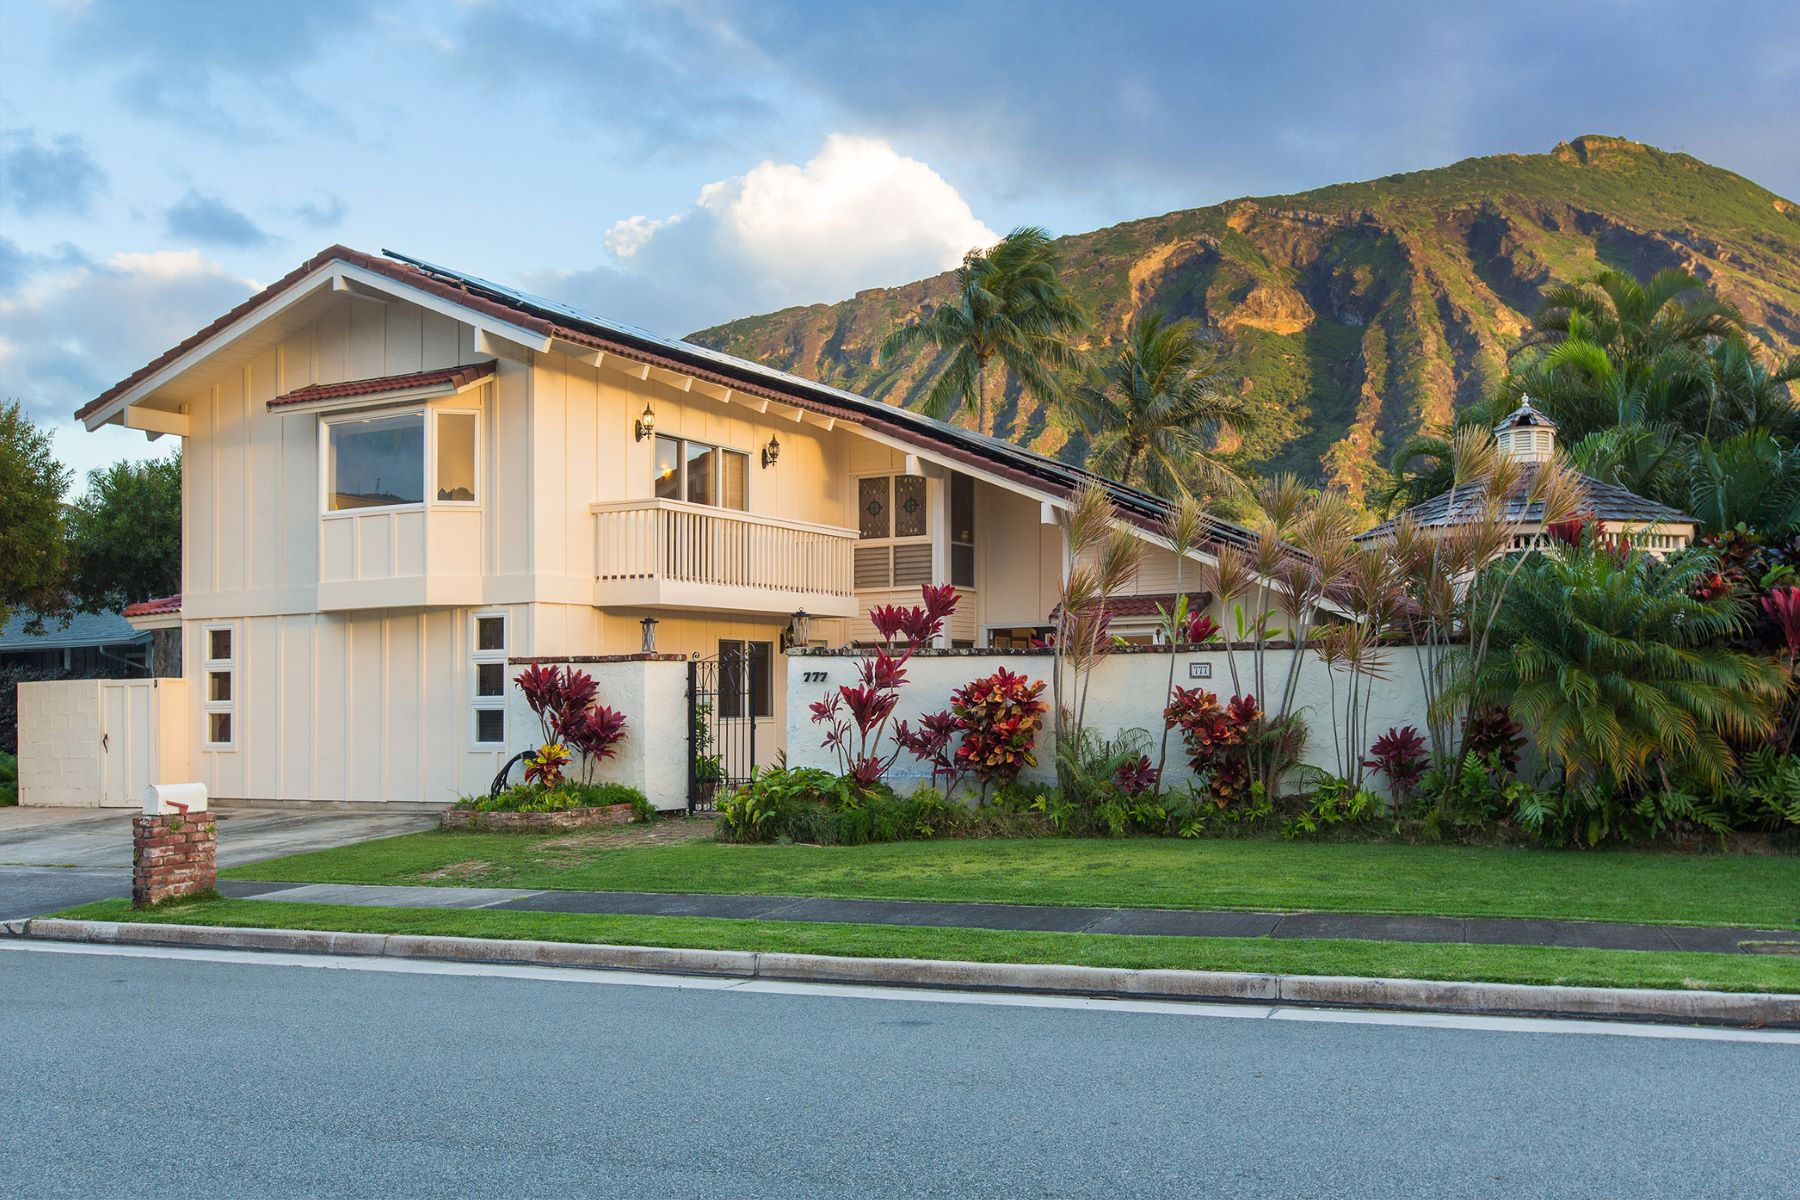 Additional photo for property listing at Sophistication & Elegance 777 Kalanipuu St Honolulu, Hawaii 96825 United States